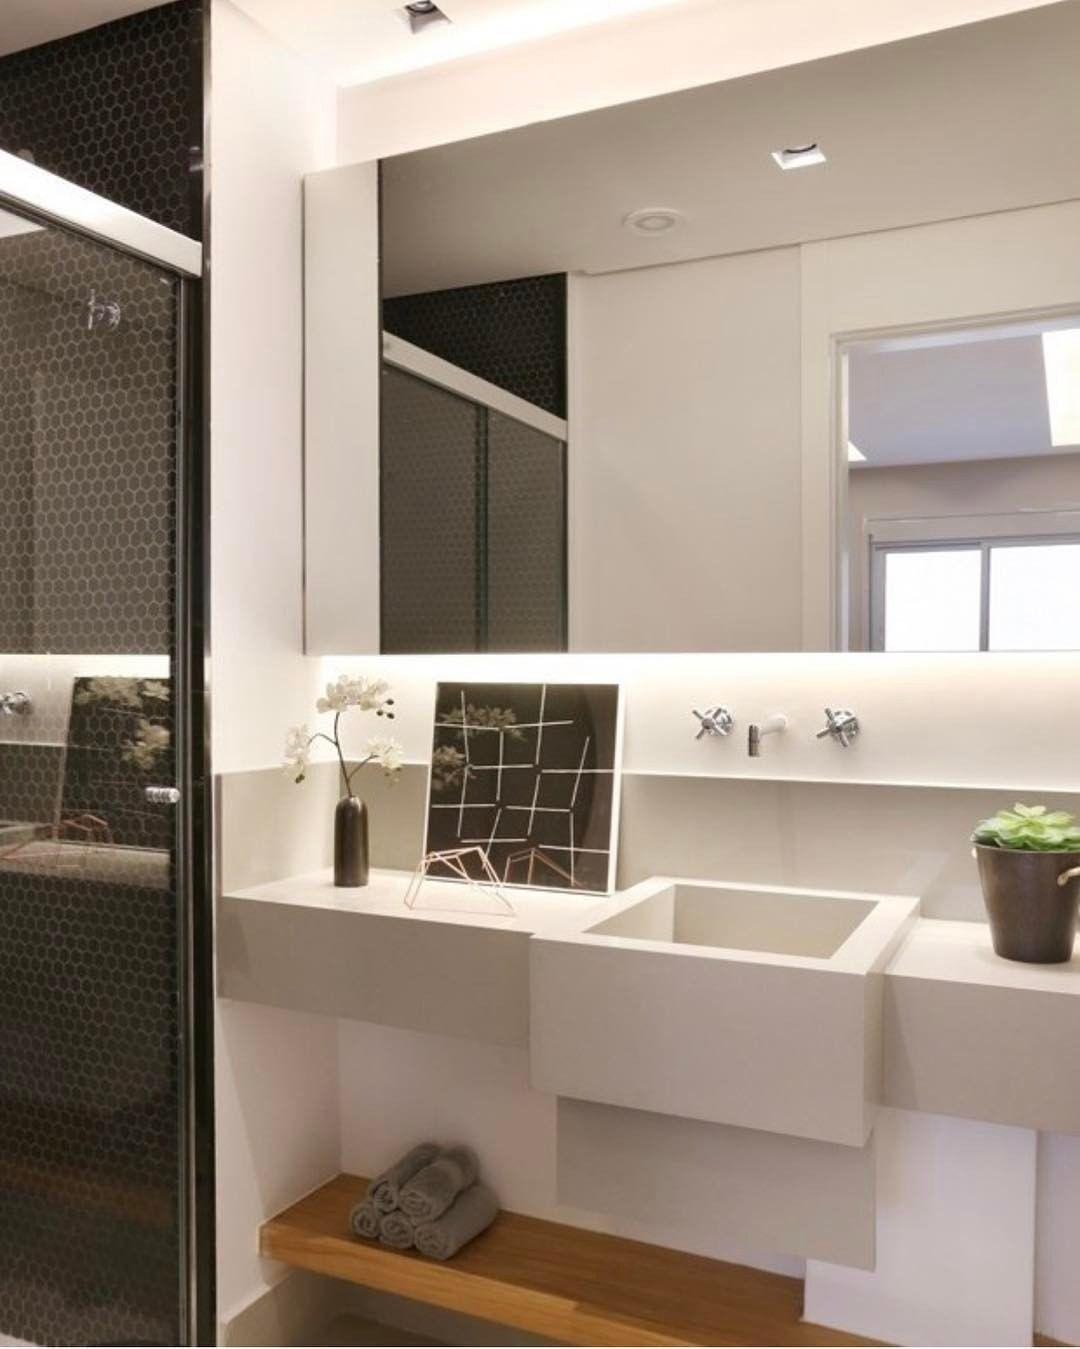 """197 curtidas, 6 comentários - Apto. 143 (@apto.143) no Instagram: """"E esse banheiro... Não é lindo? Pastilhas em formato hexagonal... Uma super tendência! 👆🏼#Apto143…"""""""